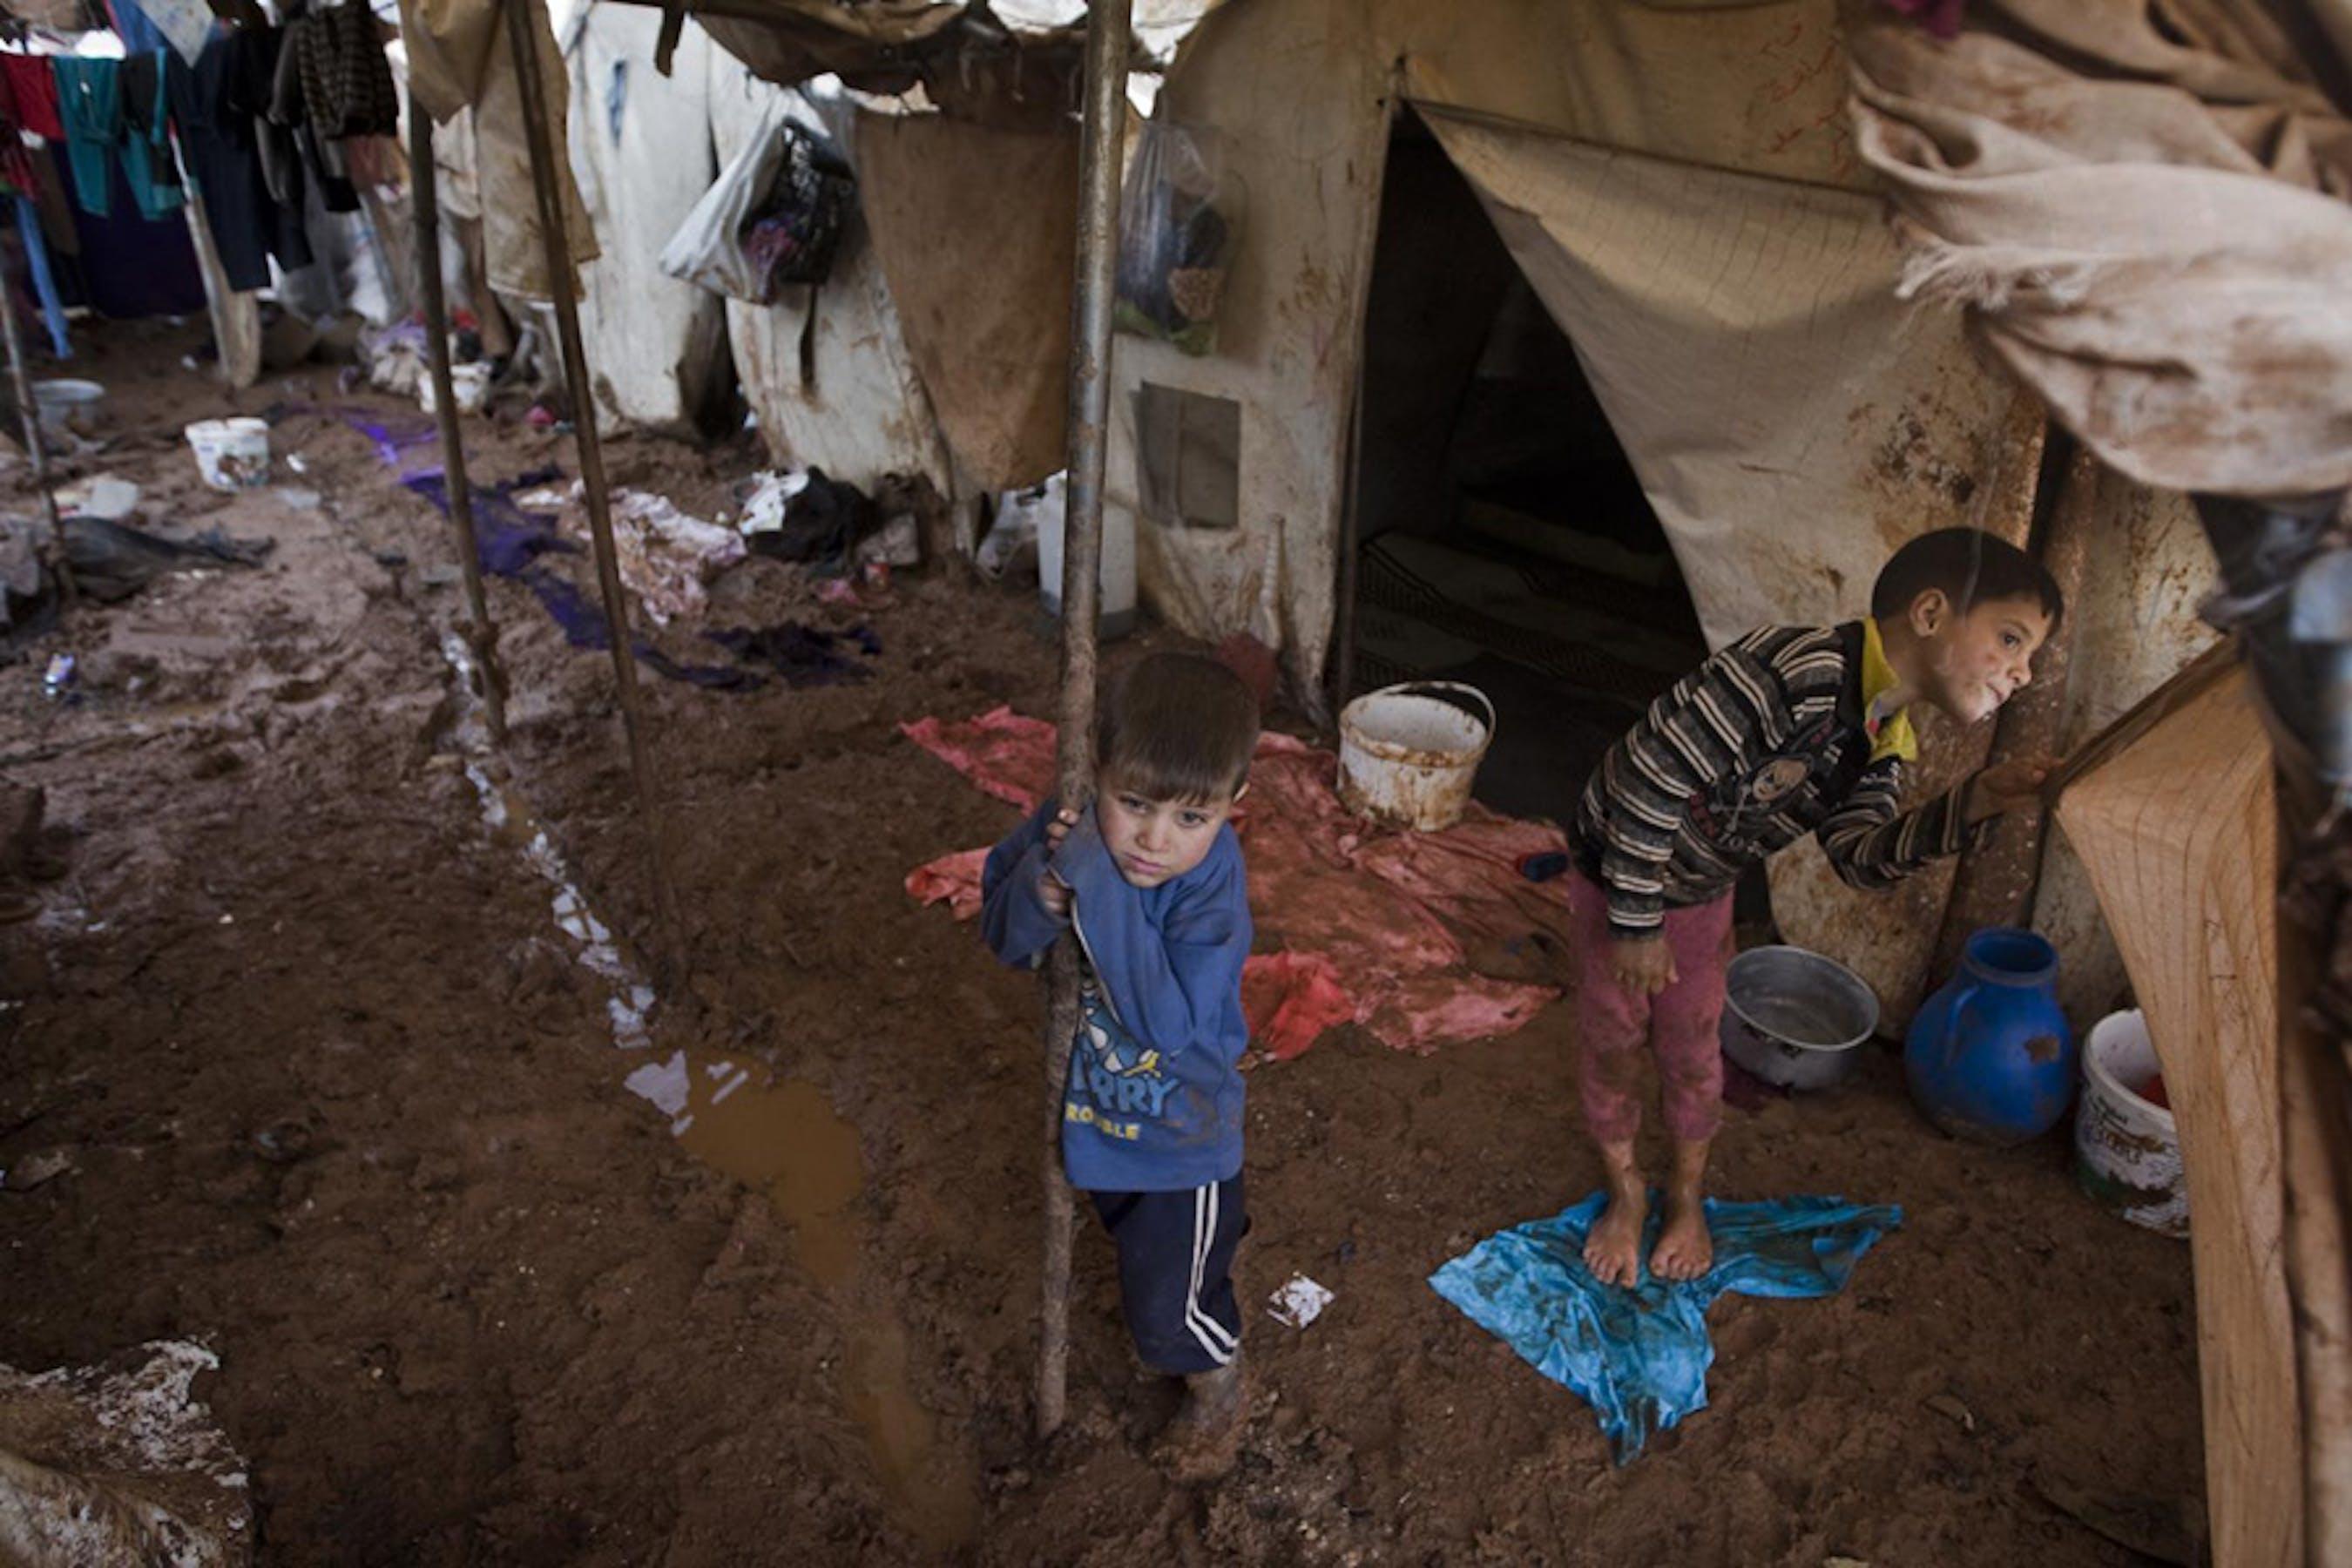 Bambini nel campo per sfollati di Bab-Al-Salam, nei pressi di Aleppo (Siria settentrionale) - ©UNICEF/NYHQ2014-0002/G.Diffidenti